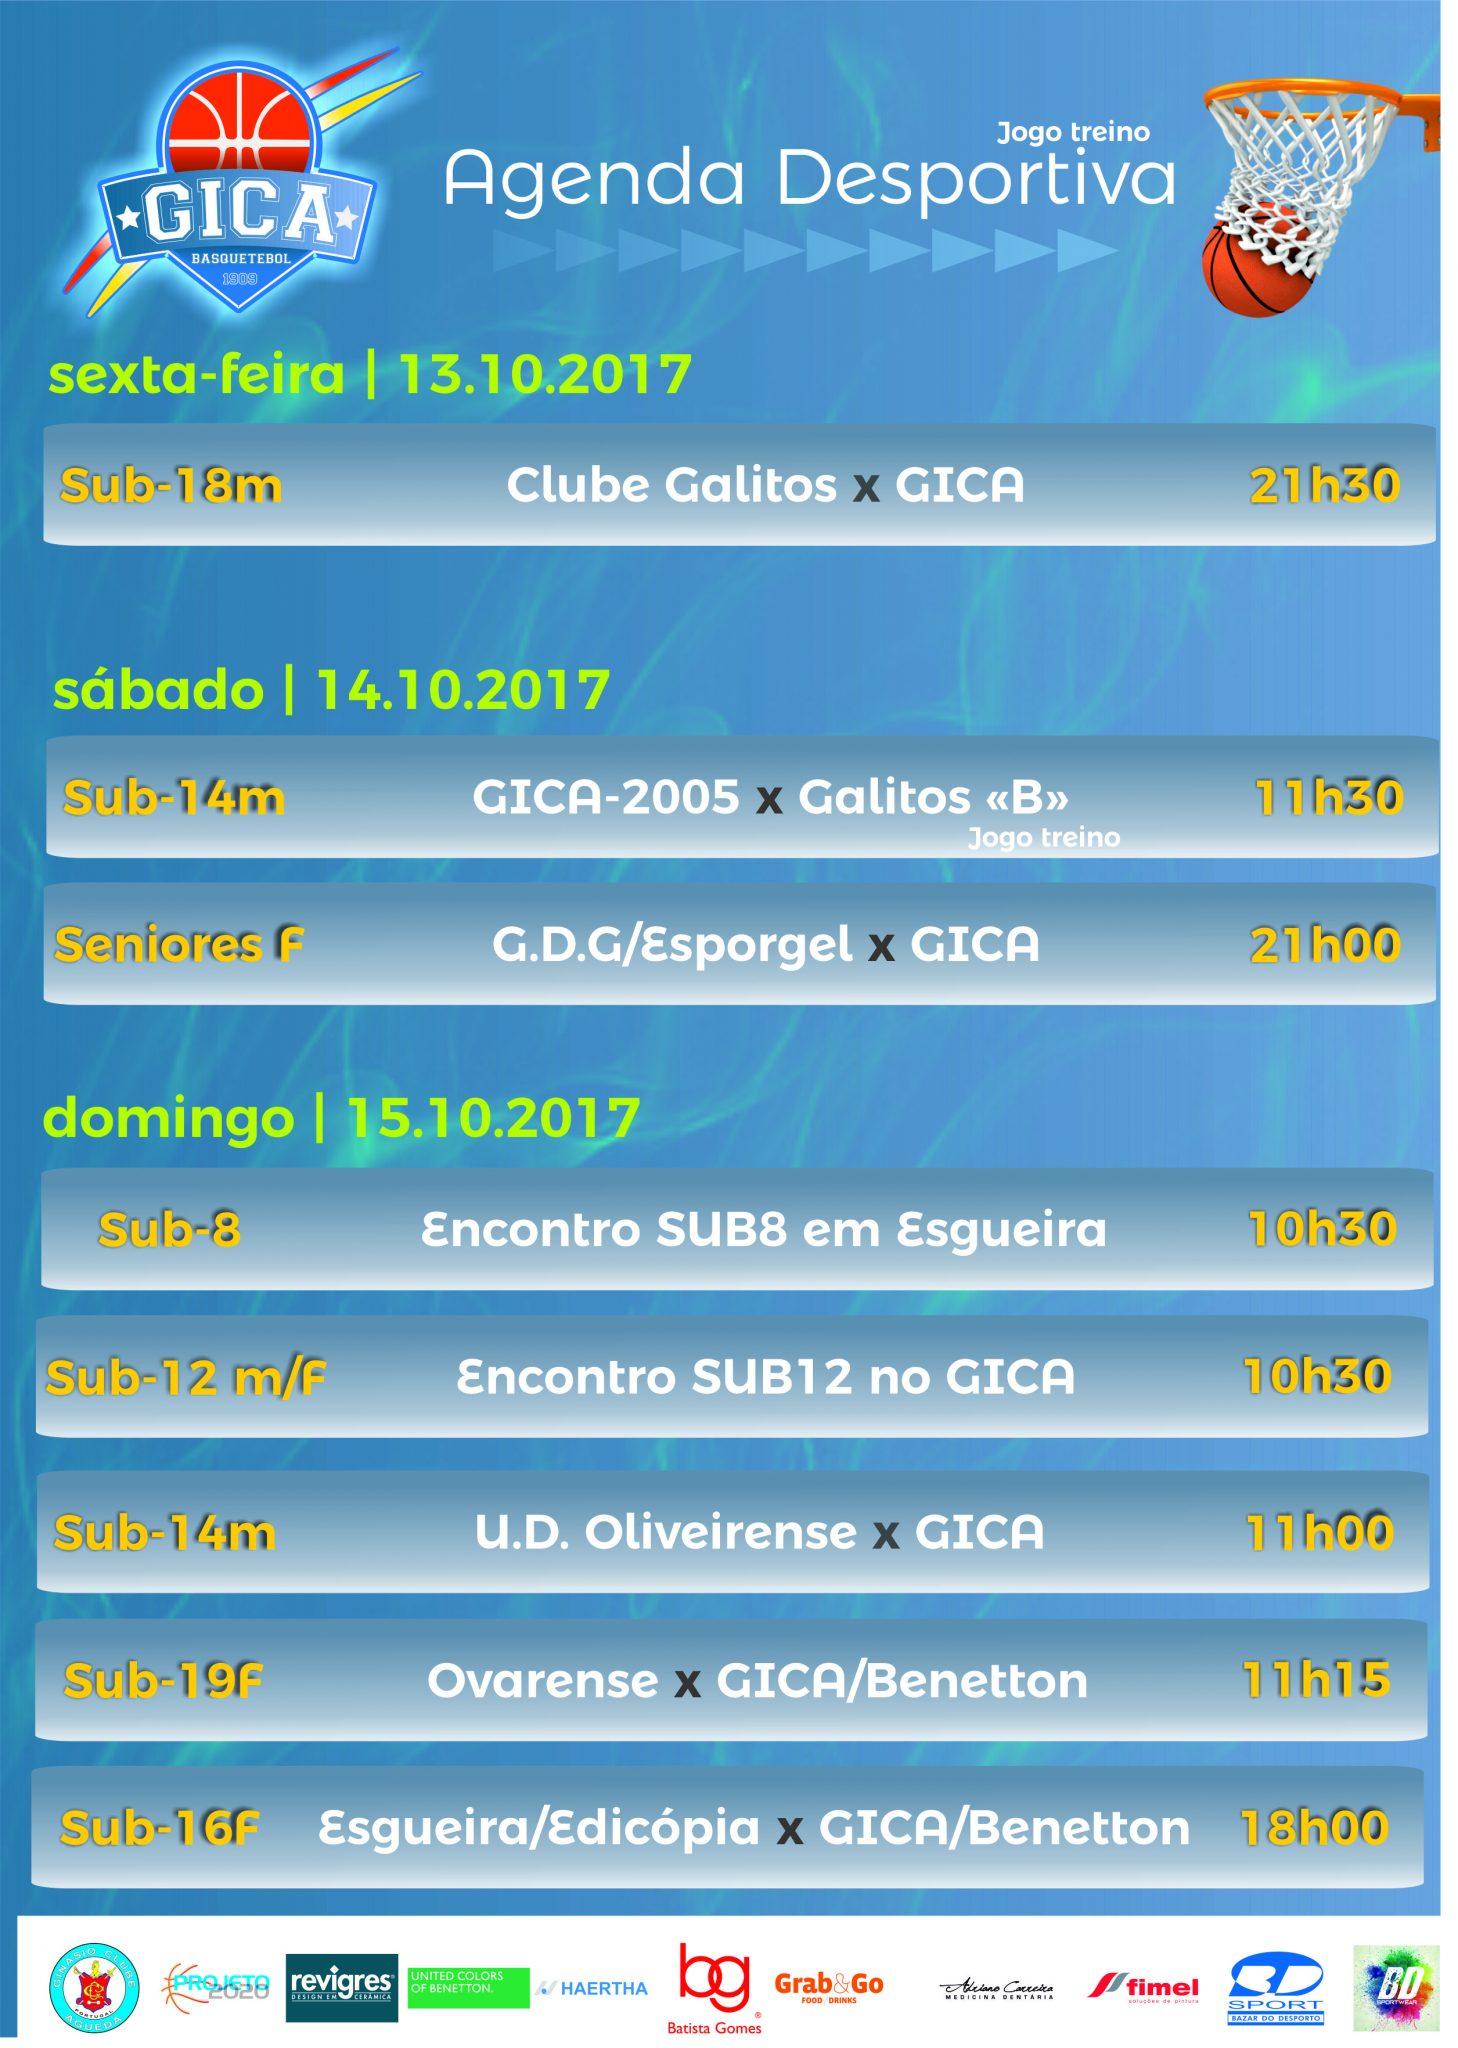 Agenda Desportiva 14-10-2017 (2)